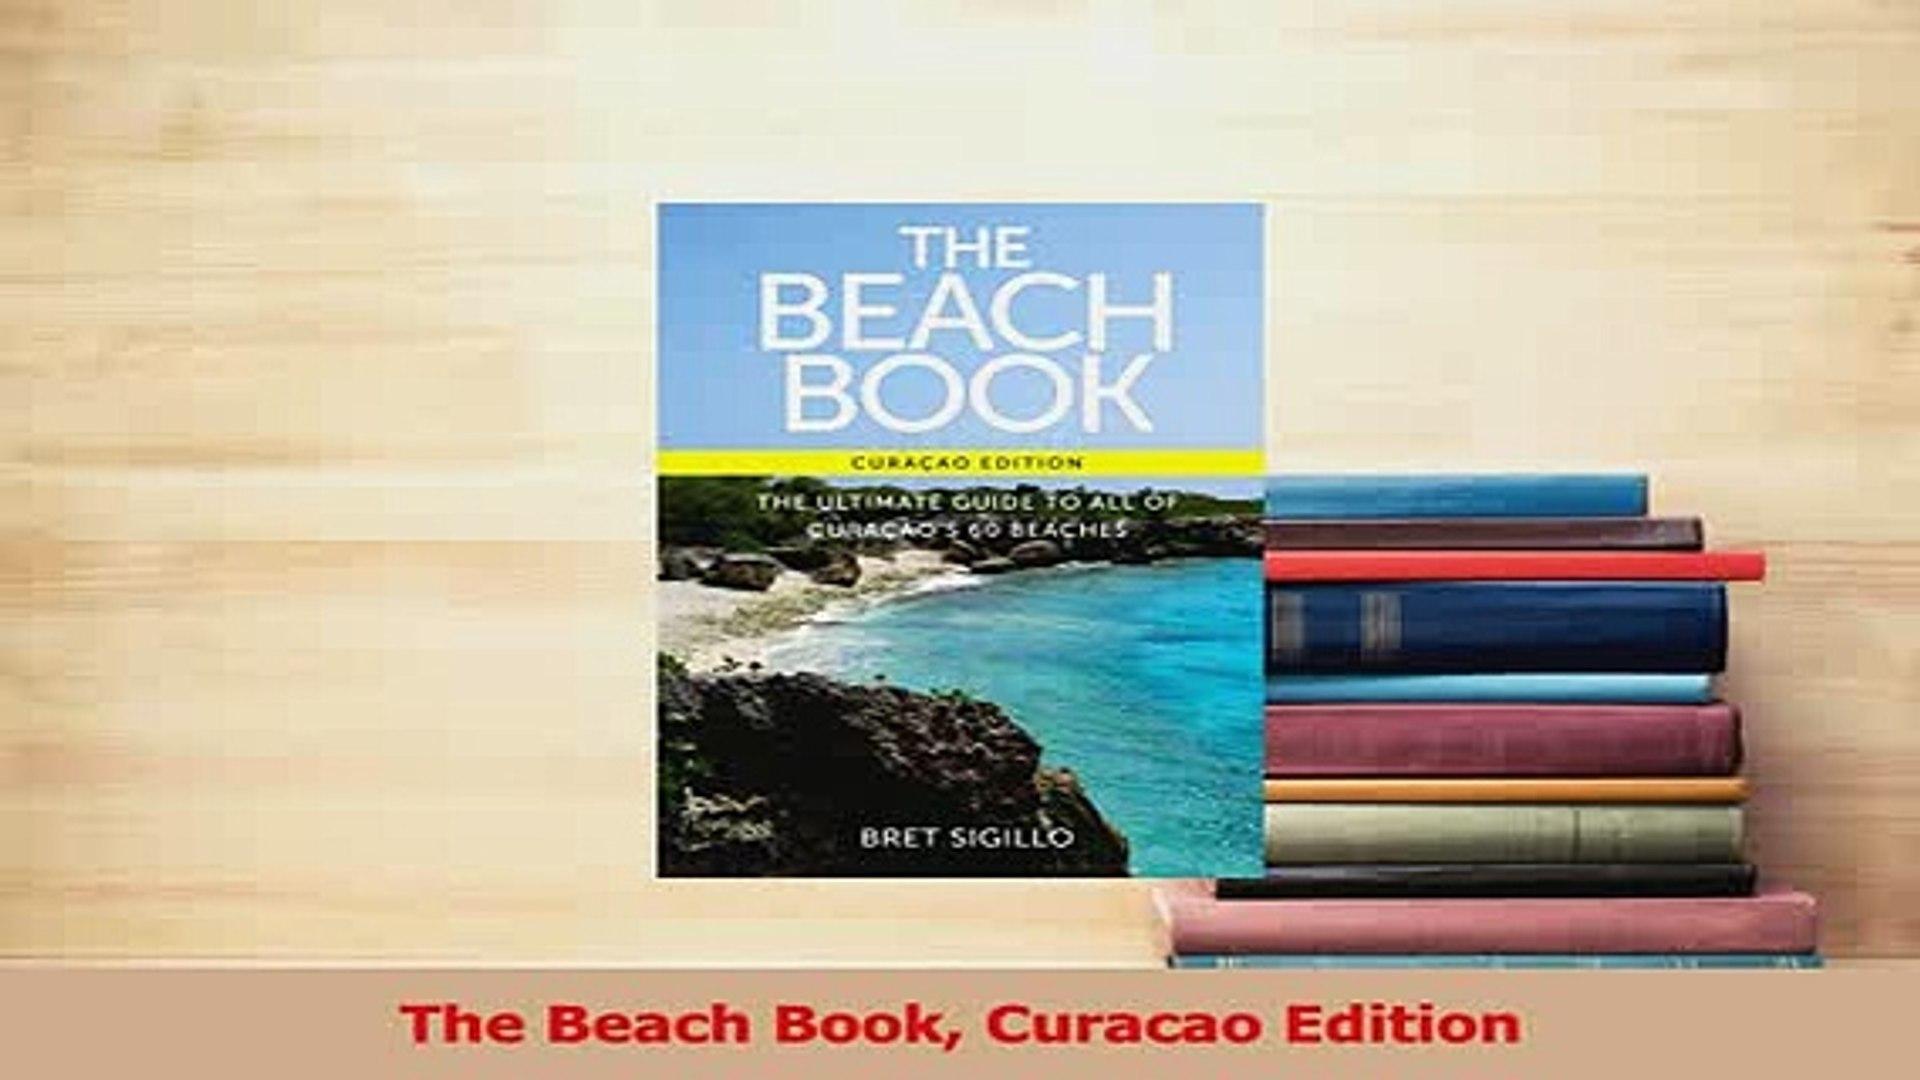 The Beach Book Curacao edition